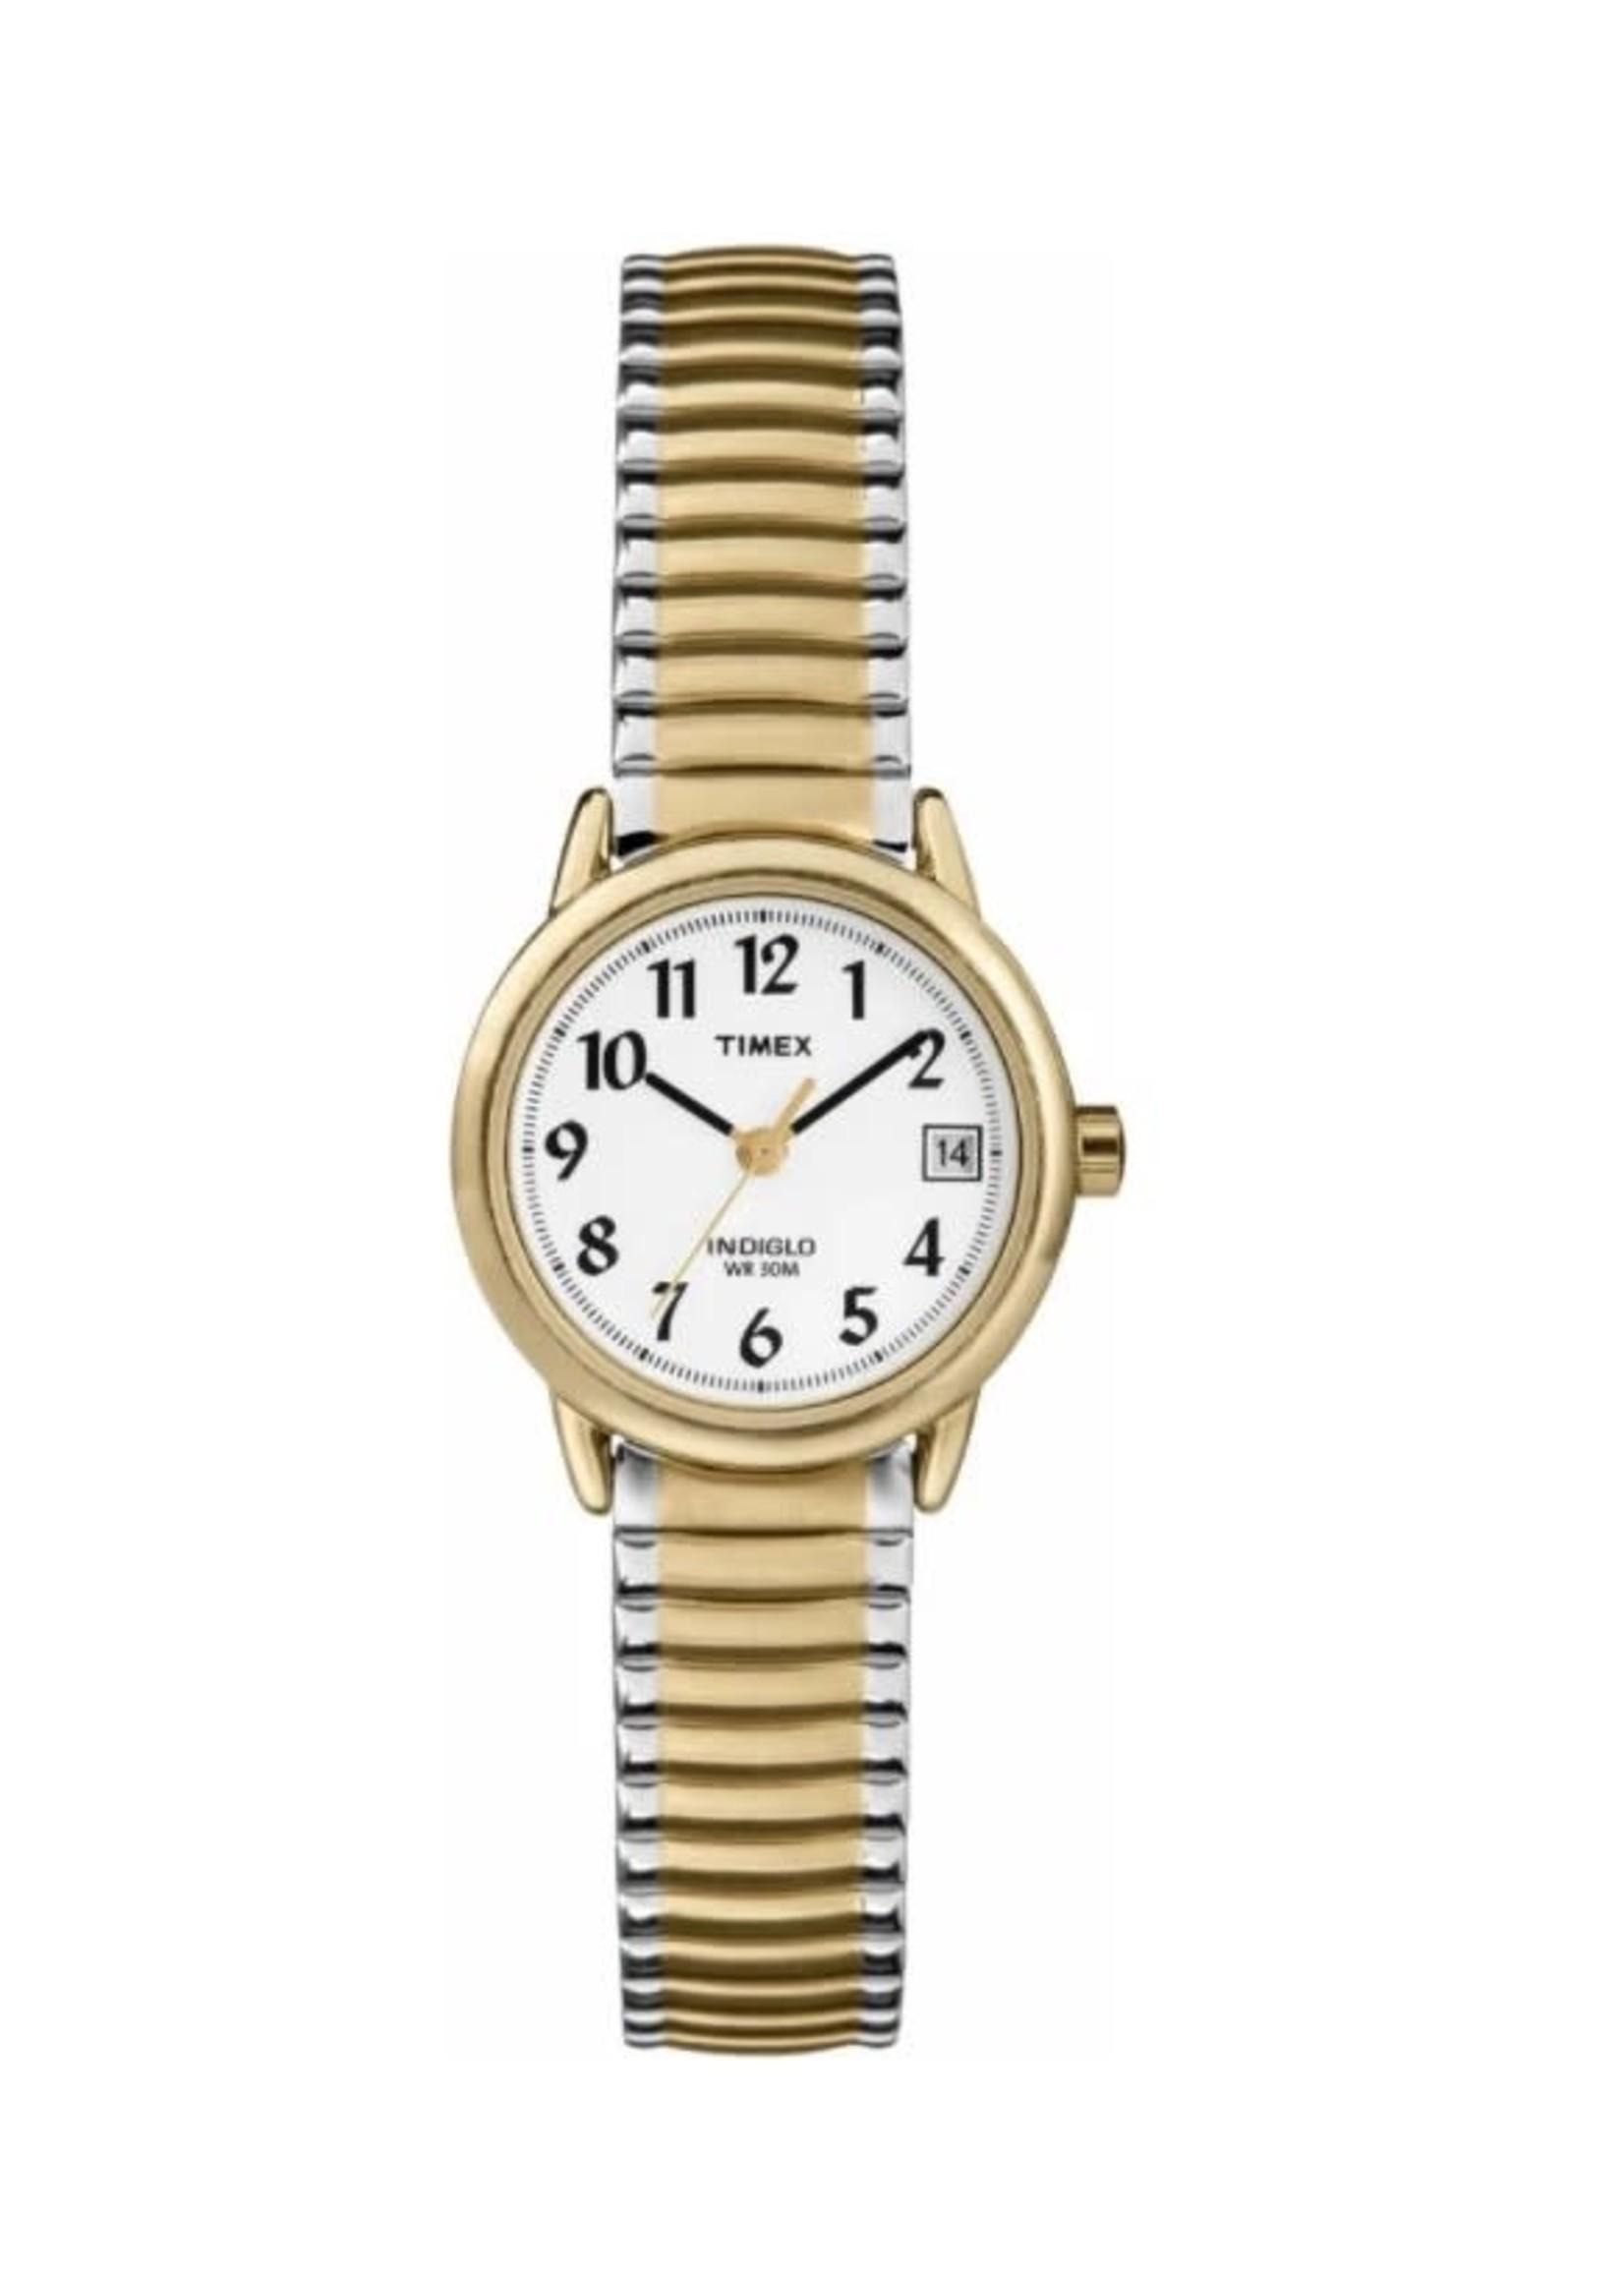 Timex Montre Timex argentée et dorée